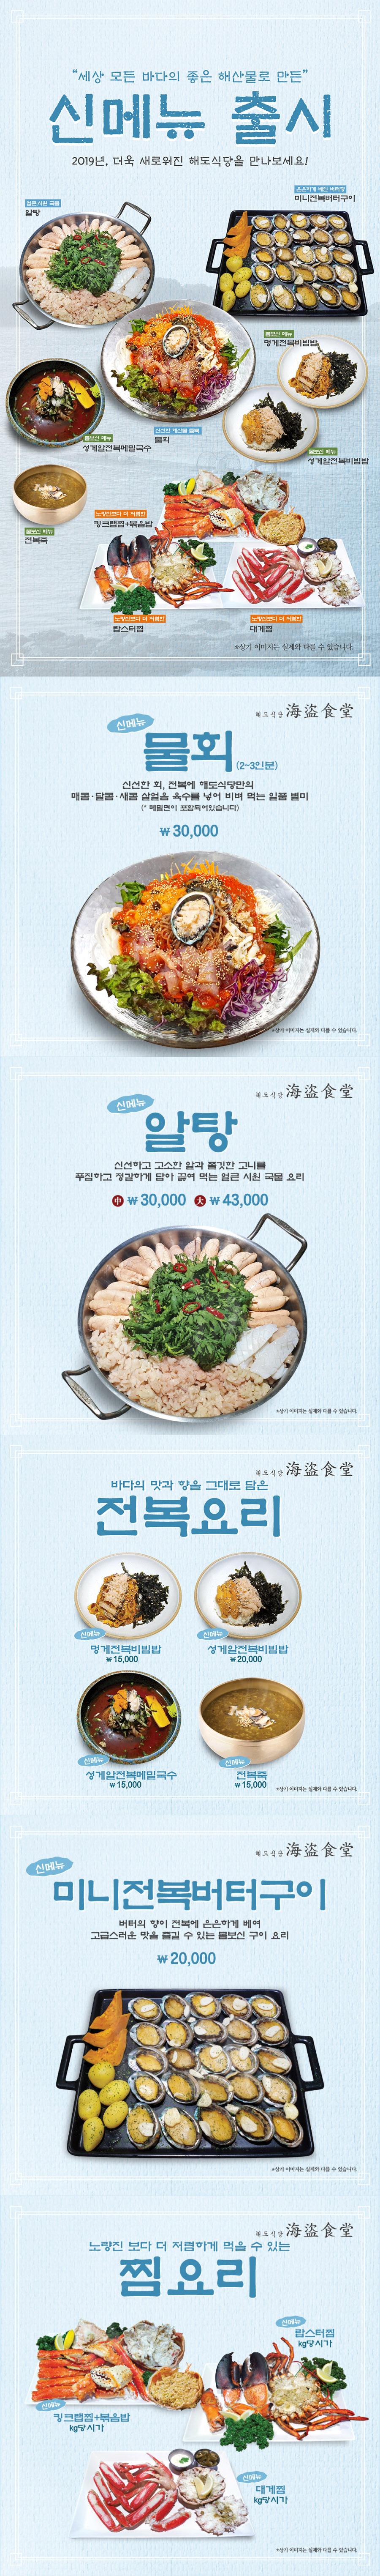 해도식당 신메뉴 출시